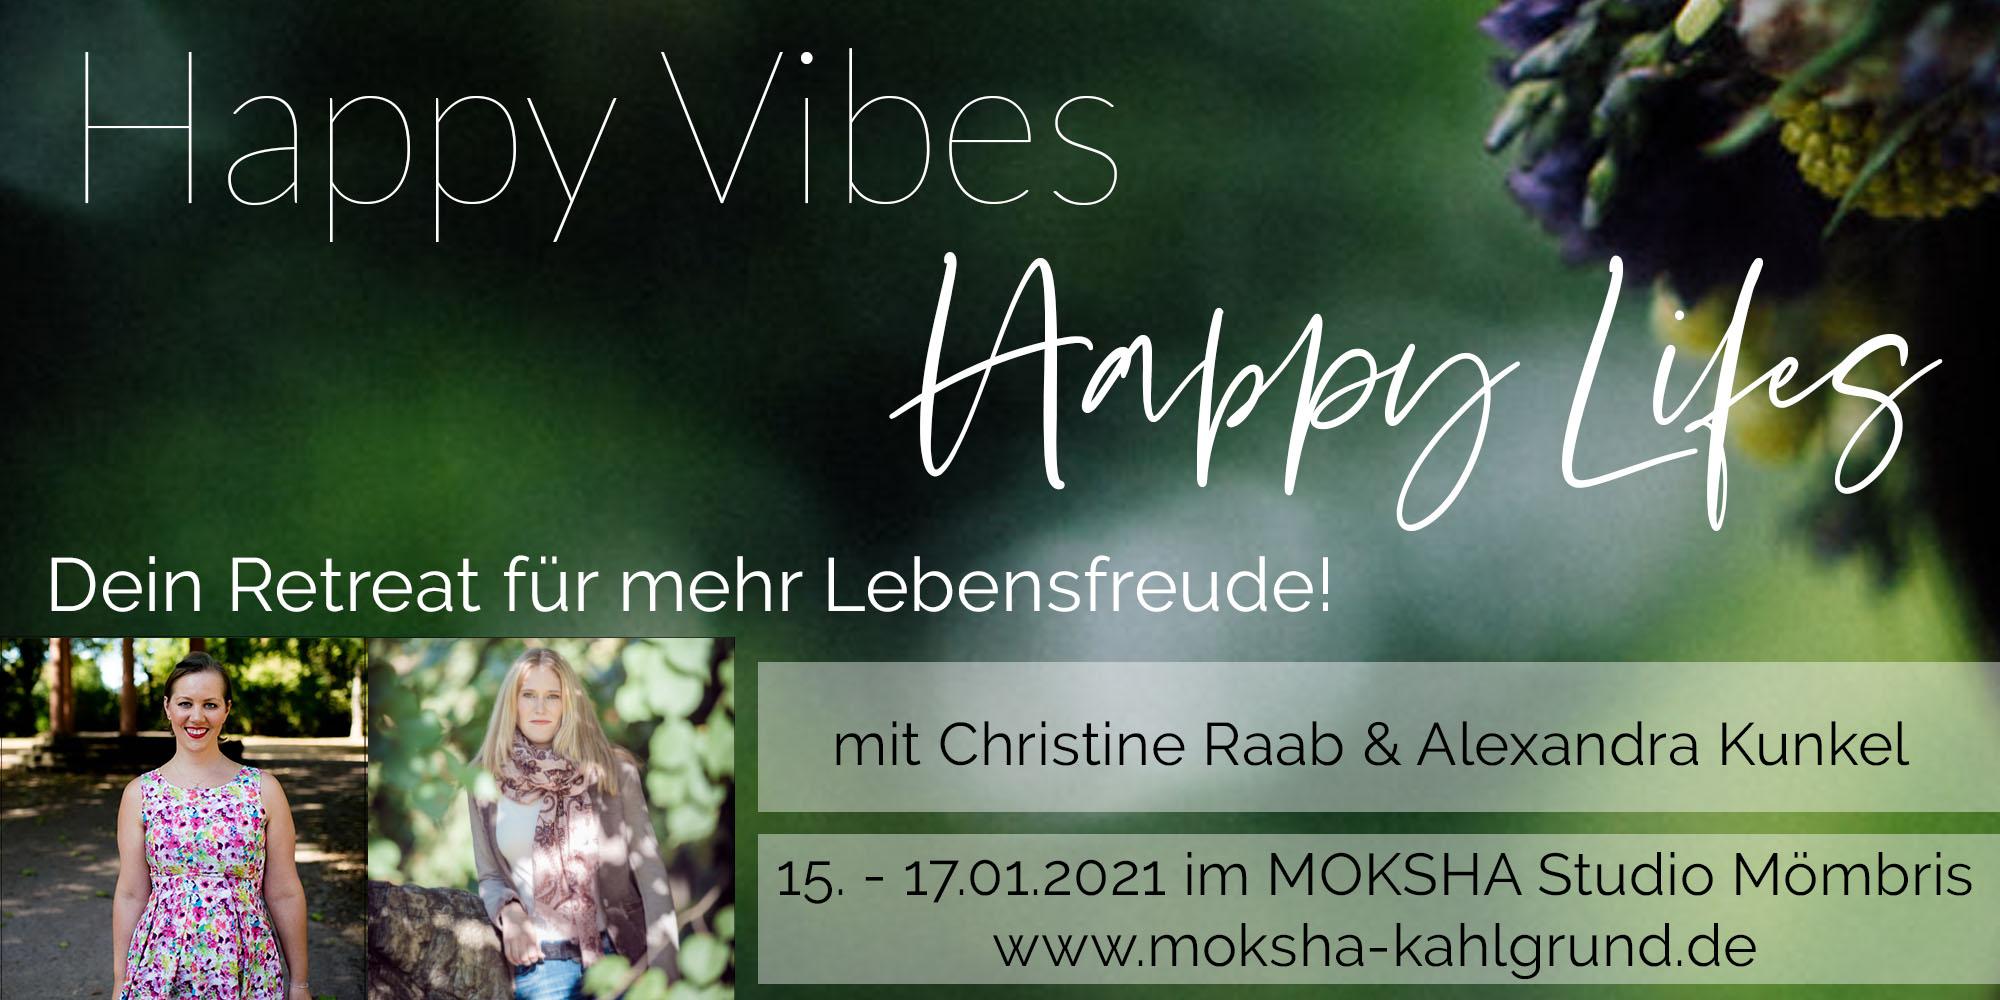 Happy Vibes Happy Lifes Flyer Retreat